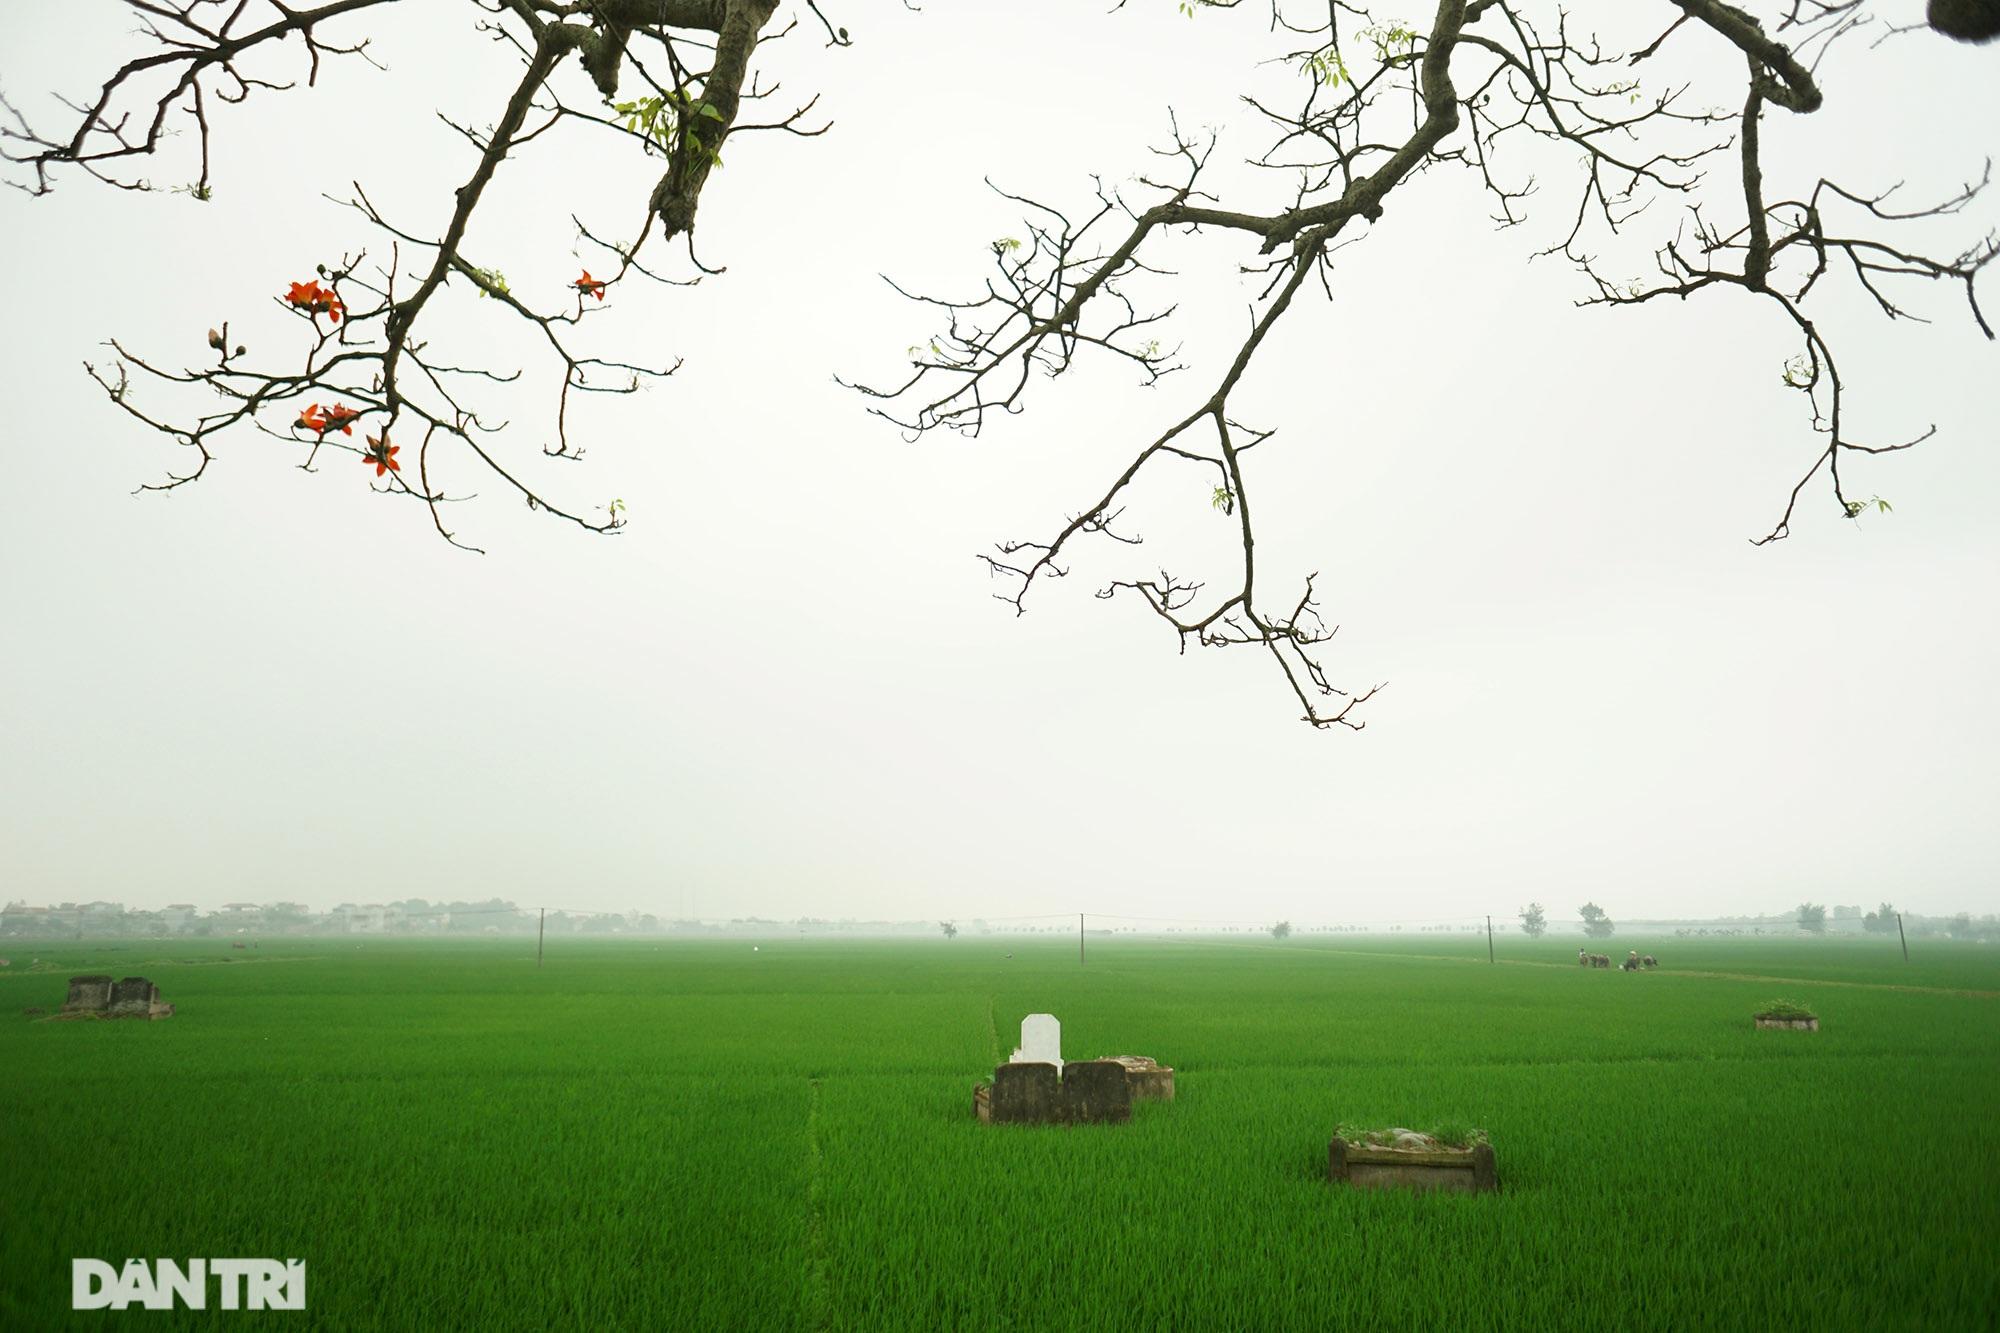 Hoa gạo nở đẹp sâu lắng vùng ngoại thành Hà Nội - 7